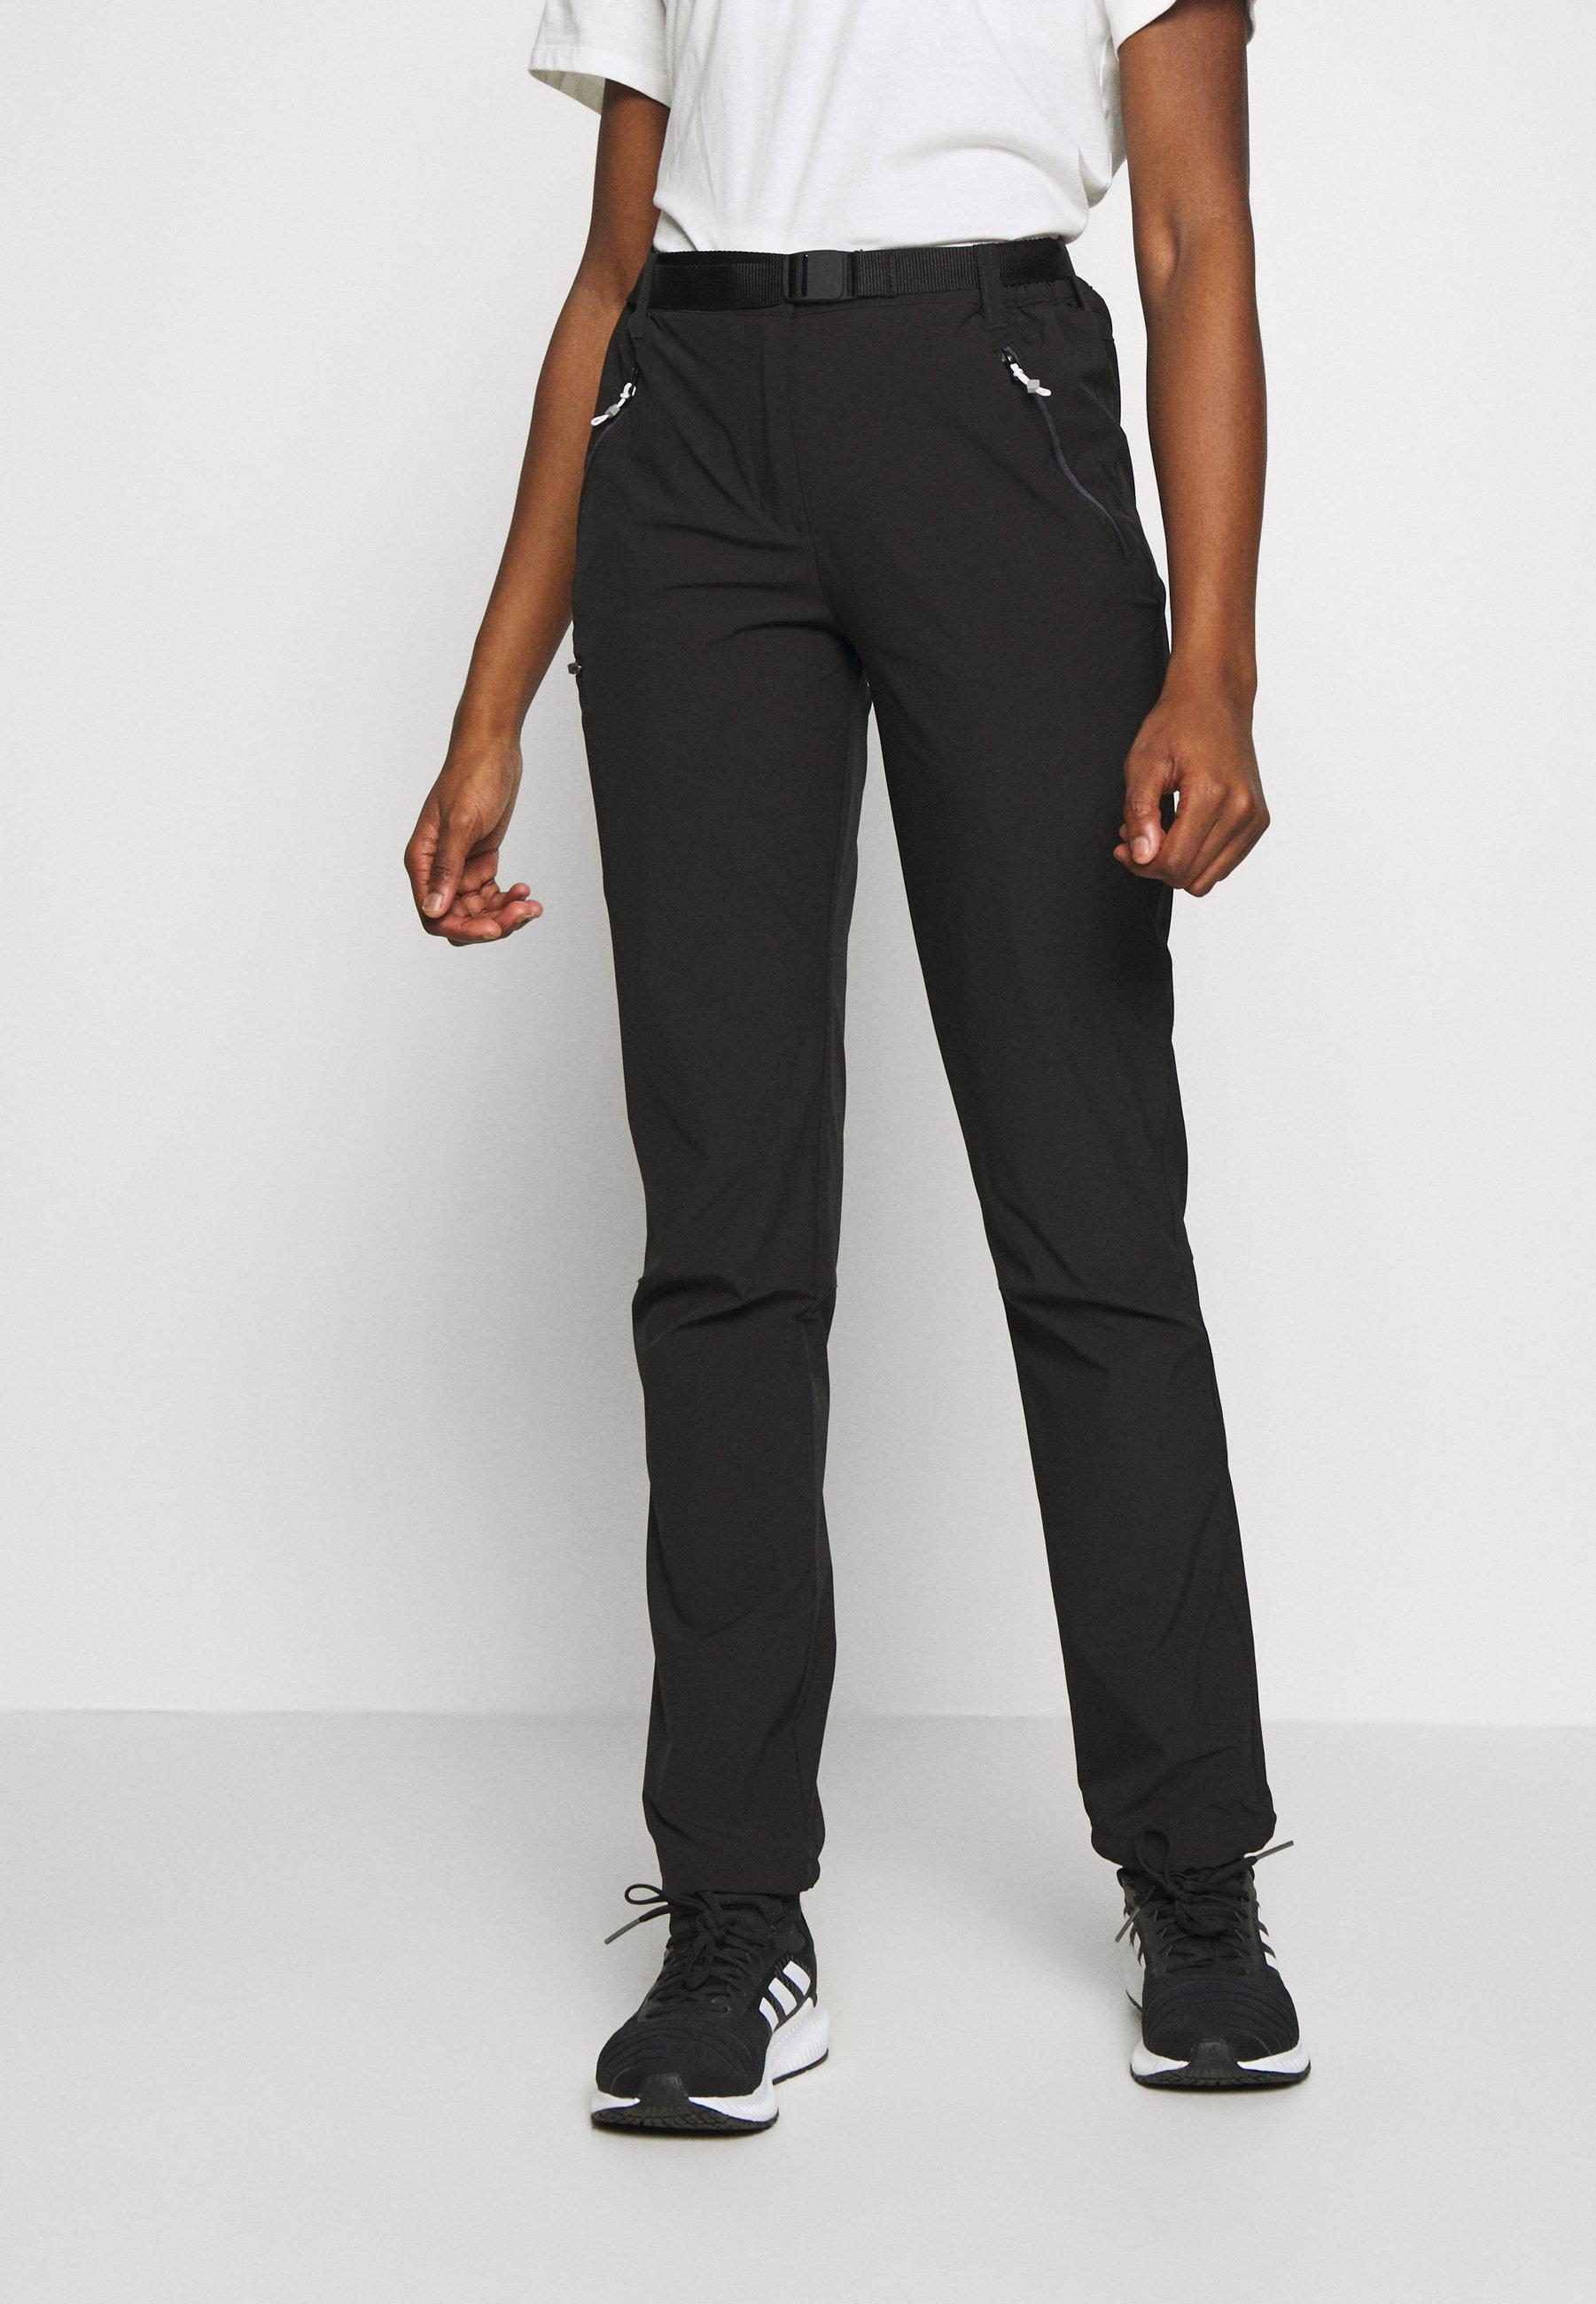 Femme XERT - Pantalons outdoor